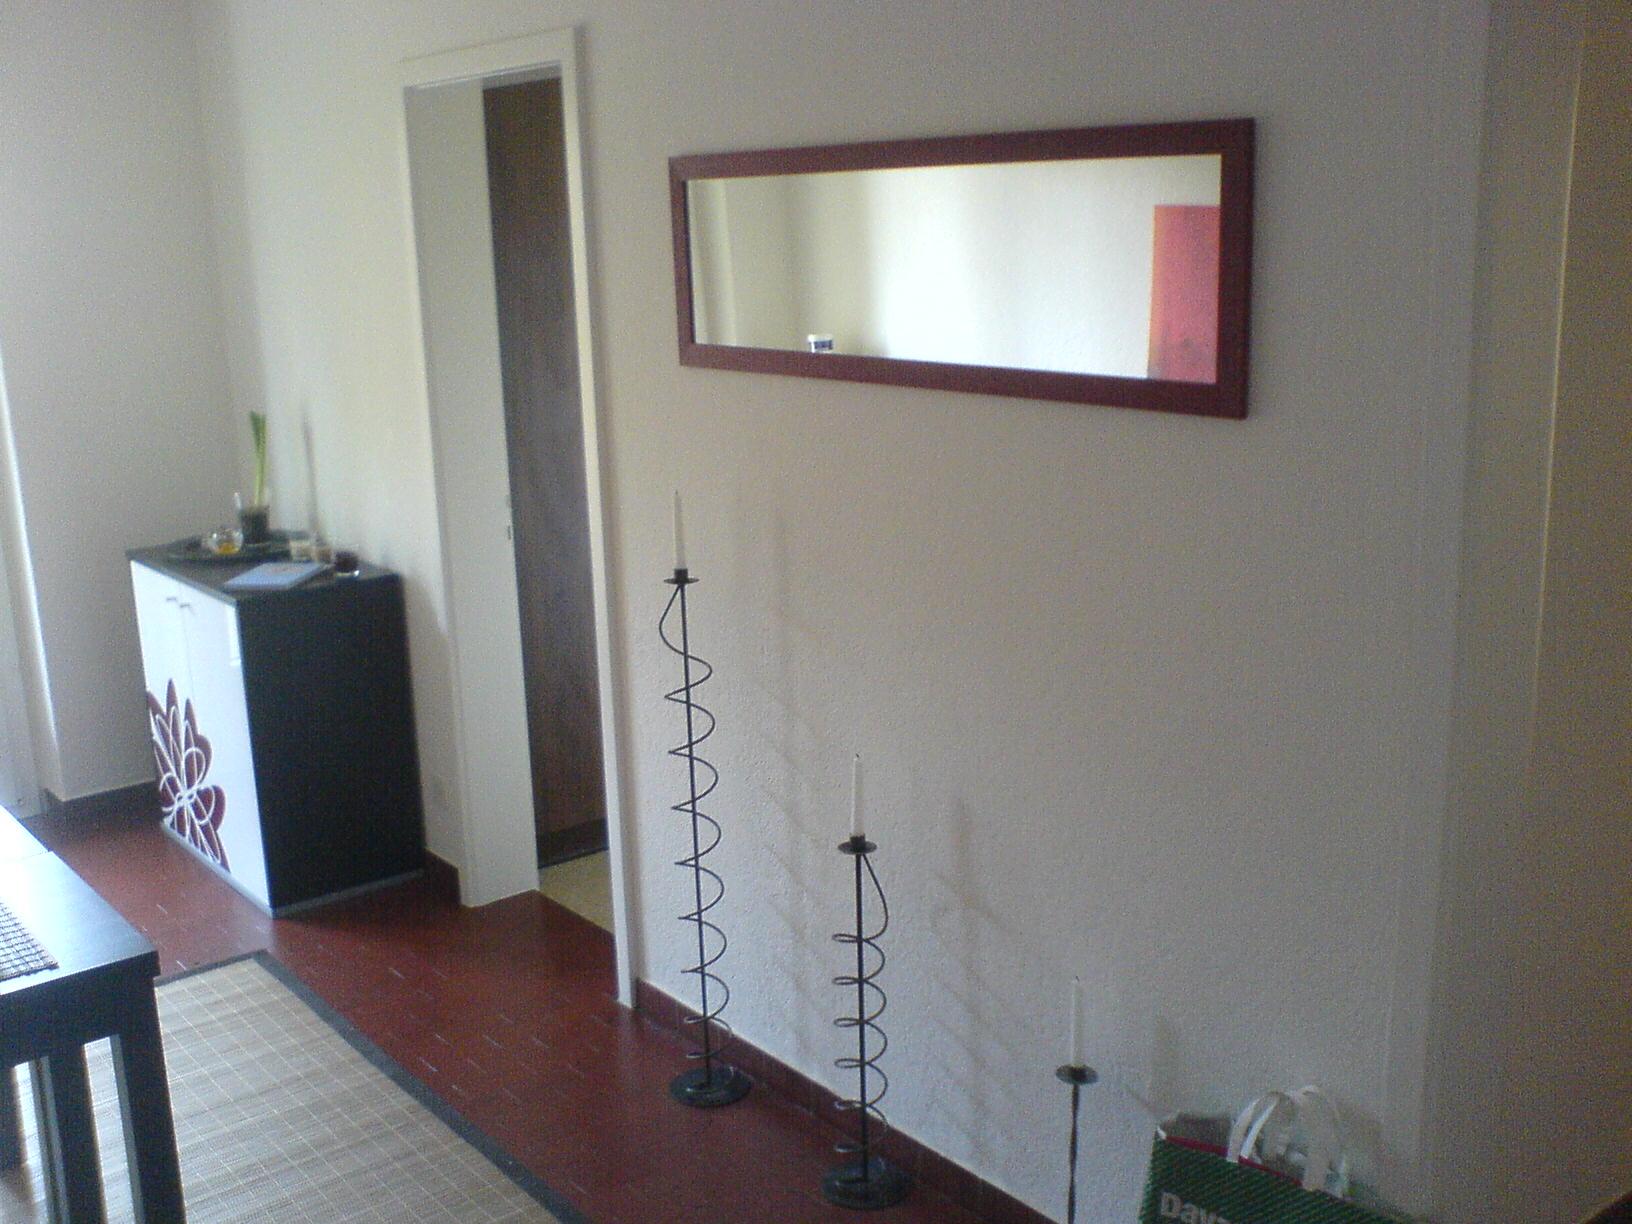 Meine neue wohnung inneneinrichtung heiniger net for Wohnungen inneneinrichtung